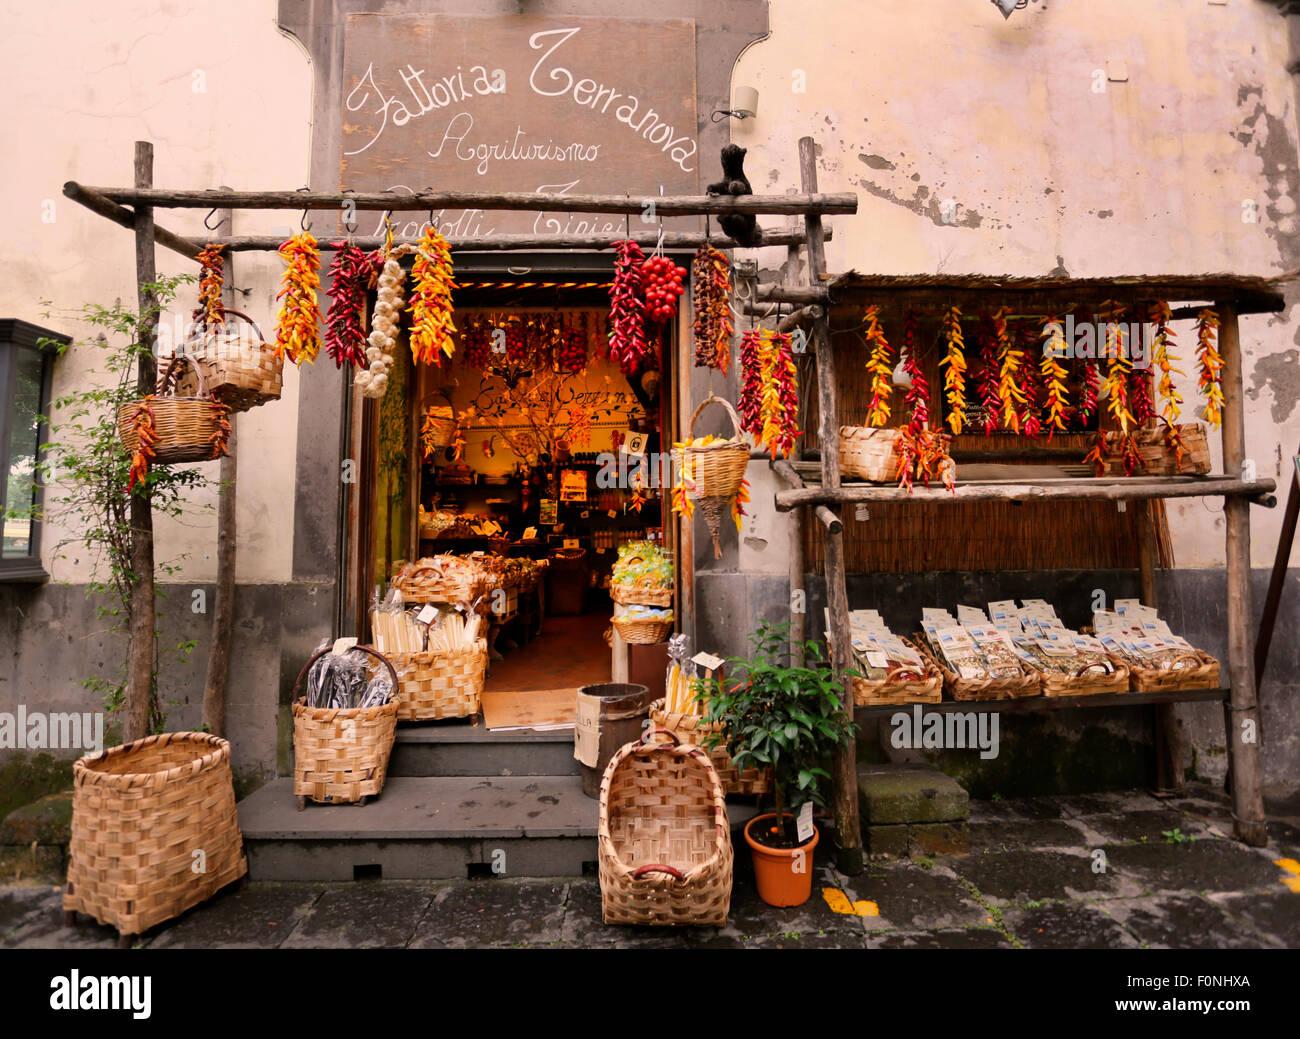 La cucina italiana tradizionale negozio,COSTIERA AMALFITANA,Italia Immagini Stock